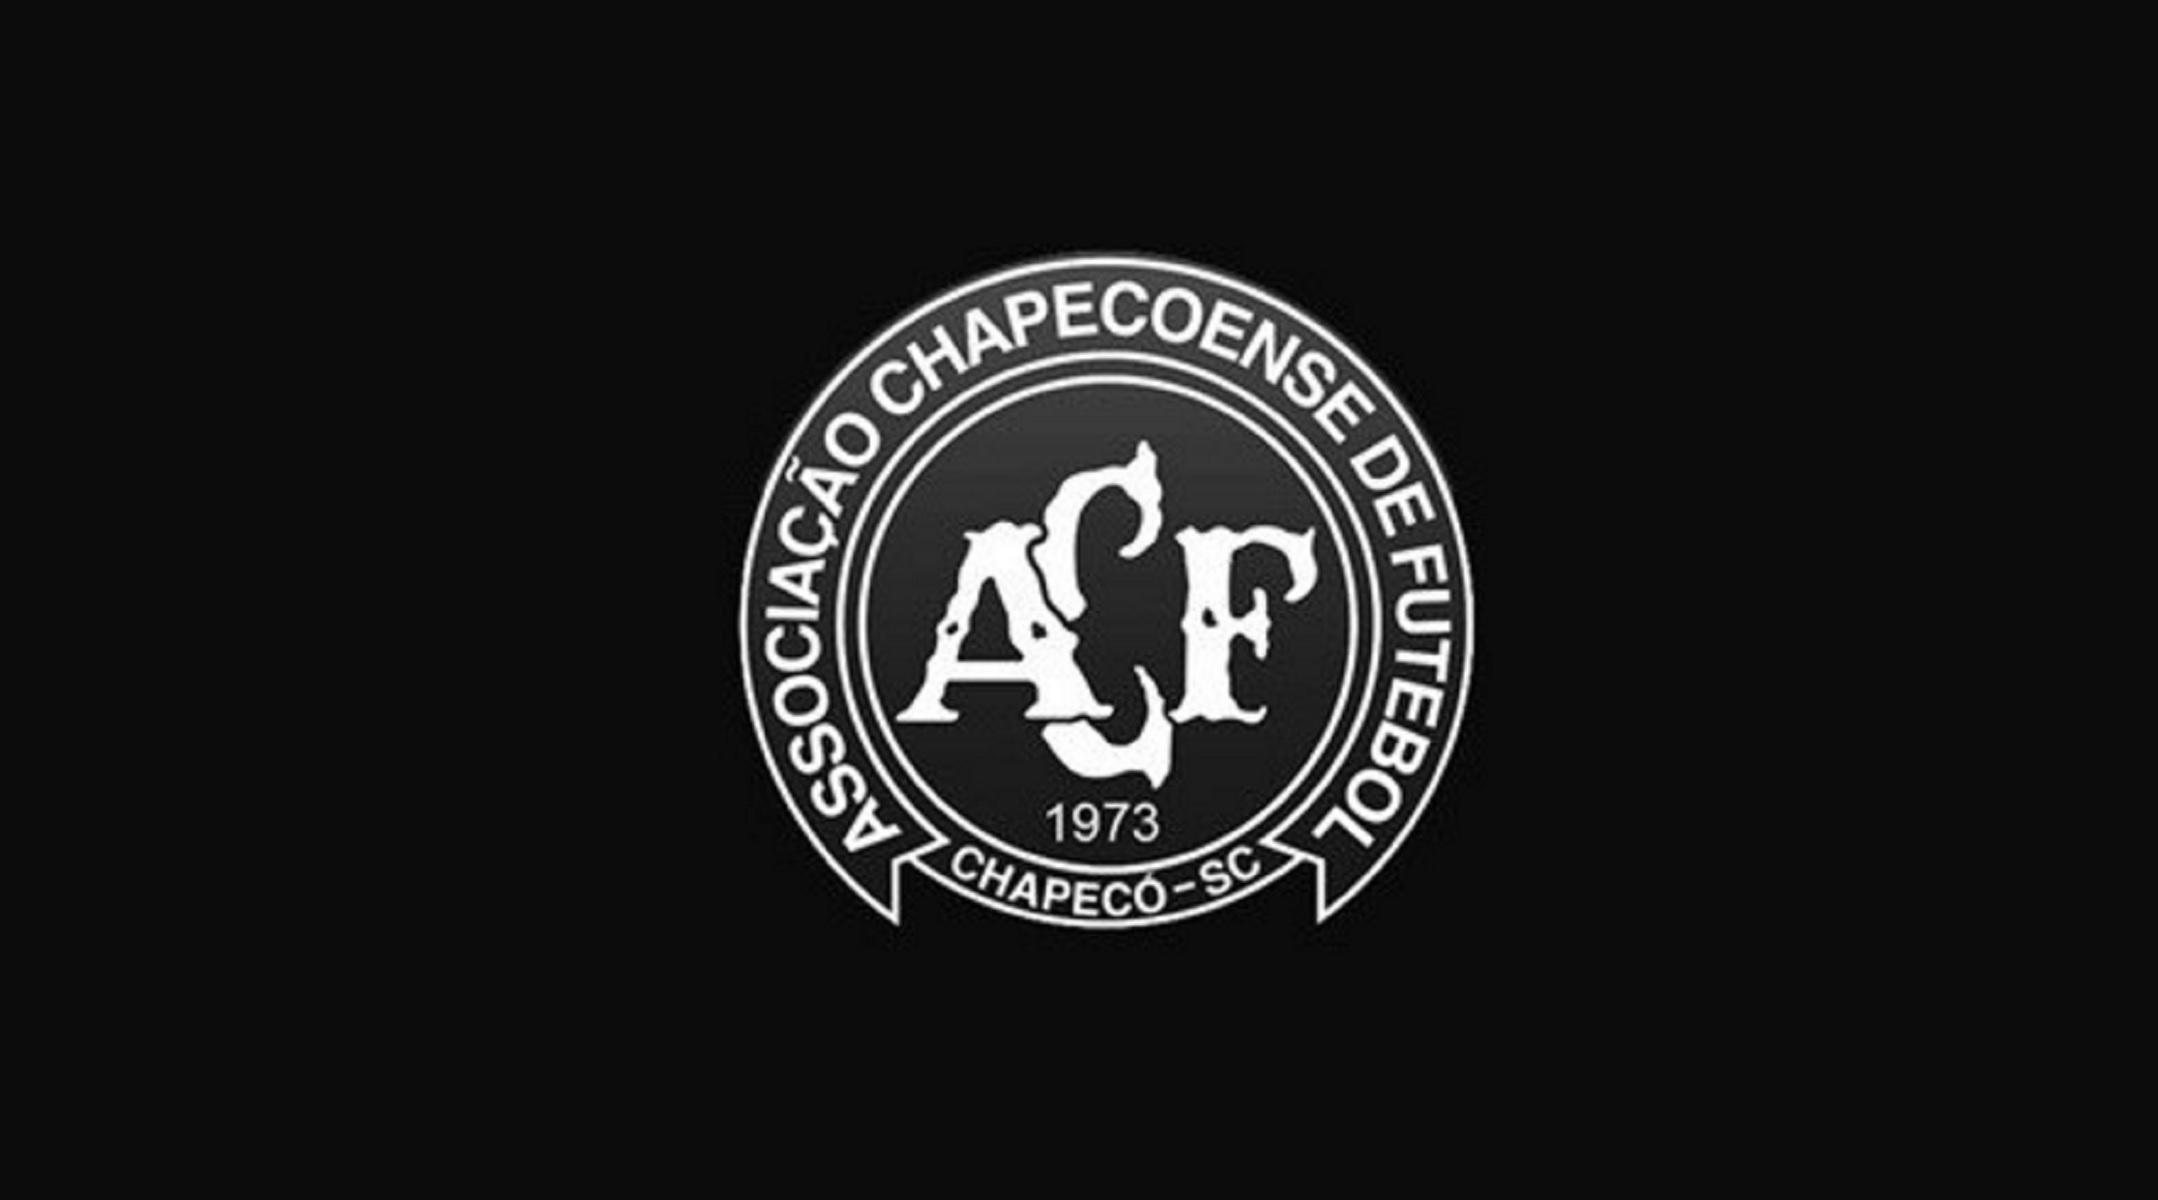 Las tristes razones por las que Chapecoense podría no obtener de forma póstuma la Sudamericana